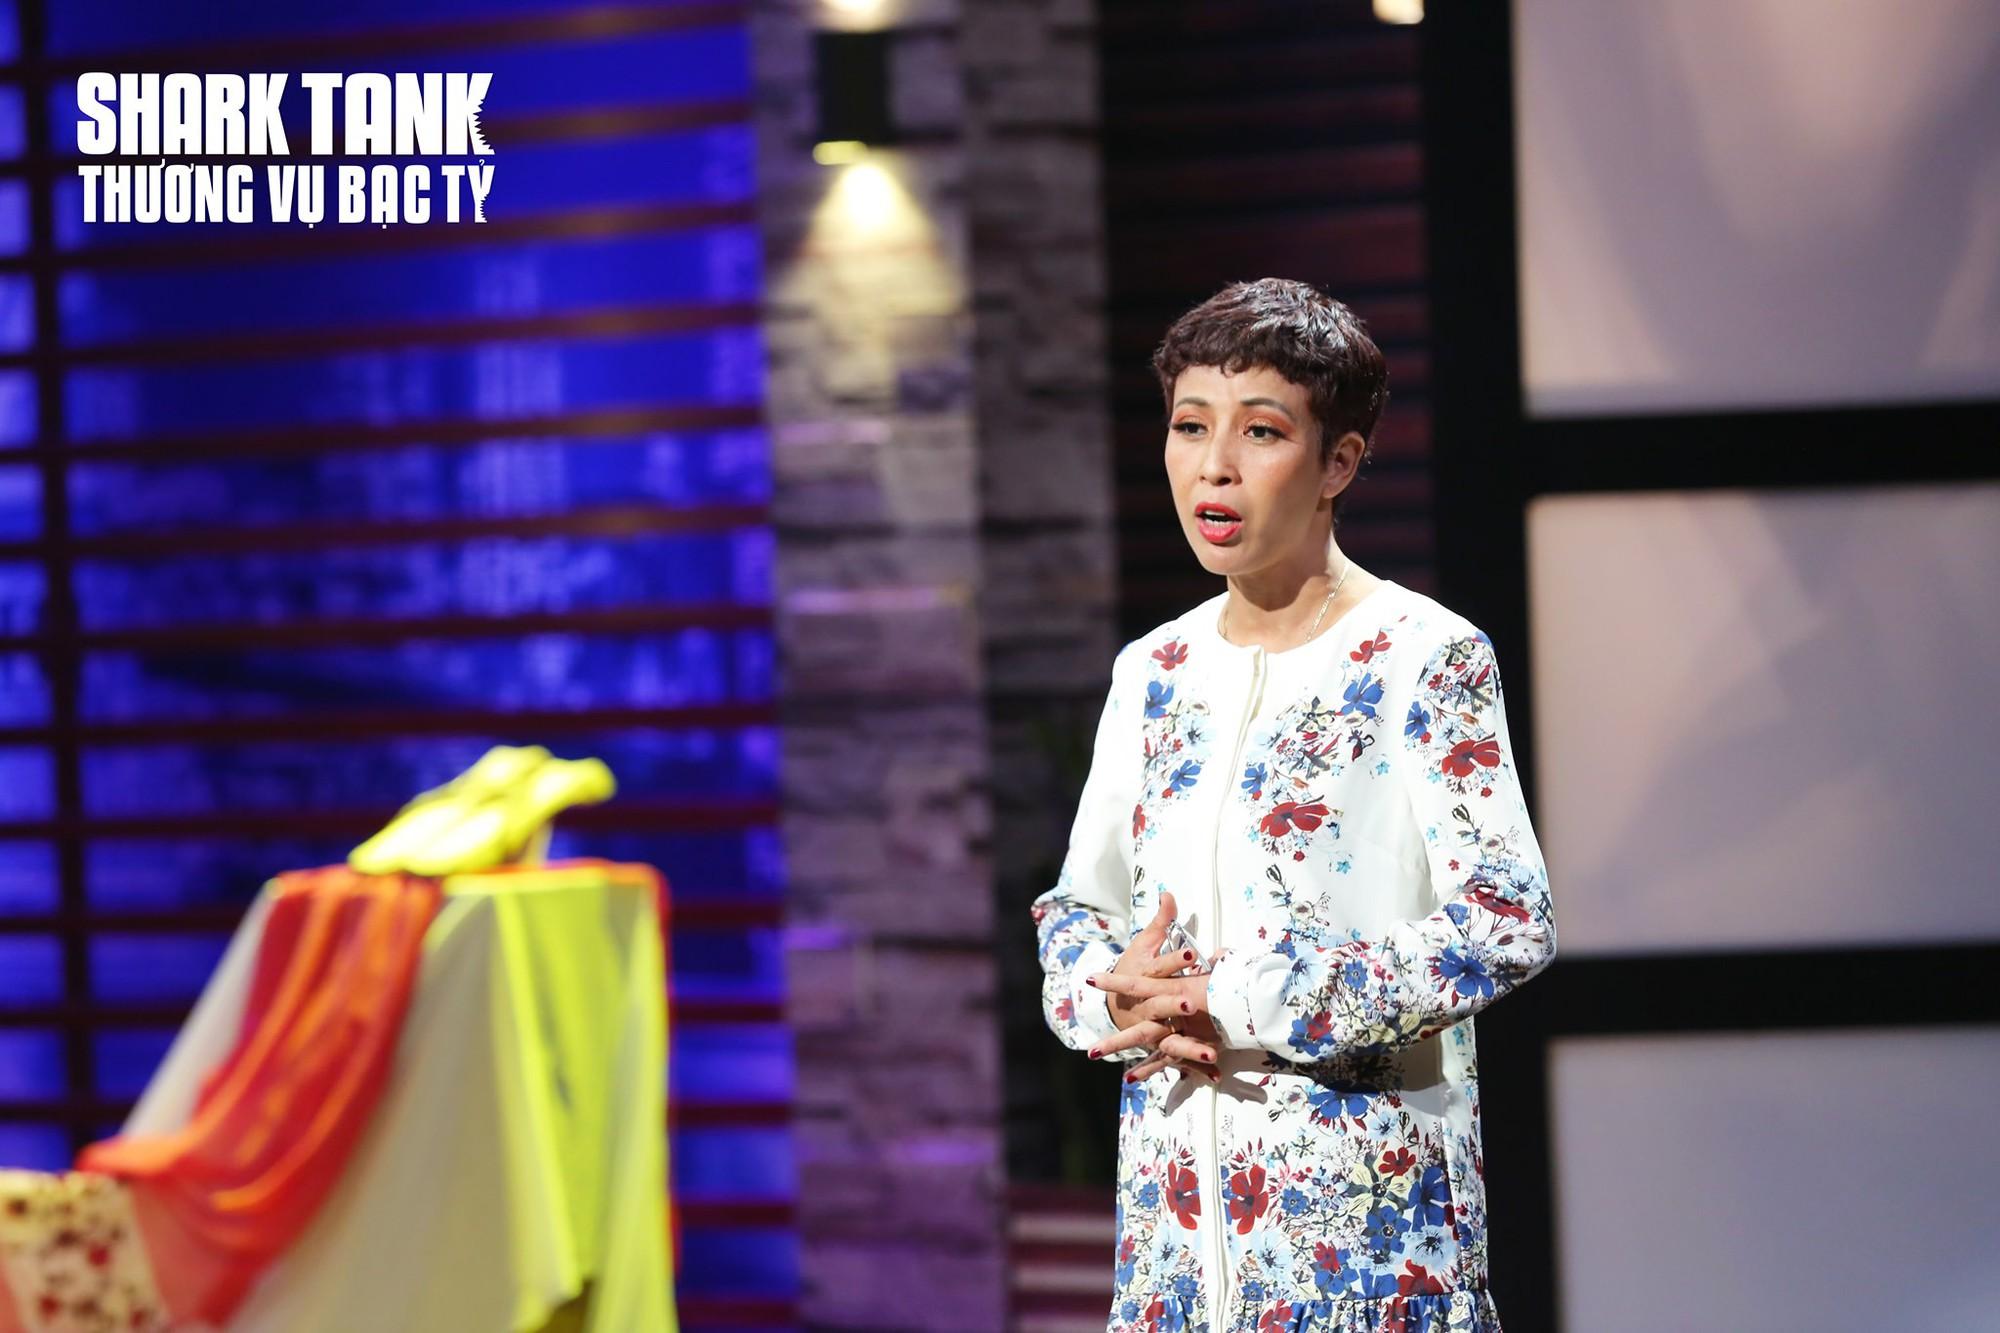 Từng kinh doanh thất bại, nợ chồng chất, 'người phụ nữ câm làm guốc' gọi vốn thành công 6 tỉ đồng trên Shark Tank Việt Nam - Ảnh 1.